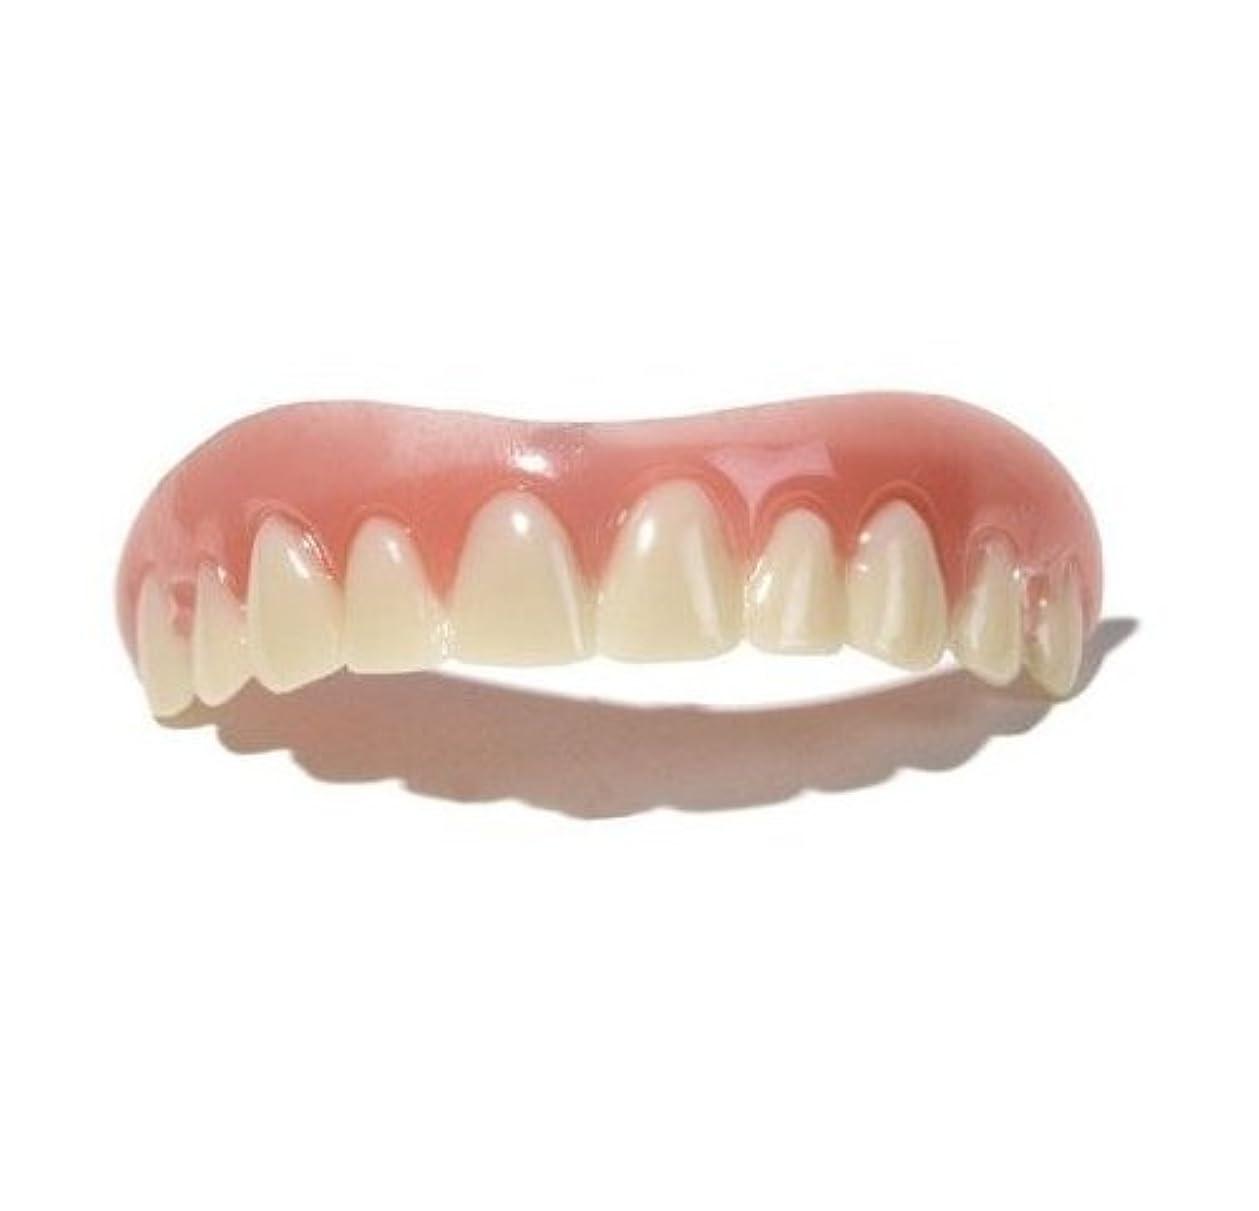 実用的部分ペルソナインスタント 美容 つけ歯 上歯(free size (Medium)) [並行輸入品]